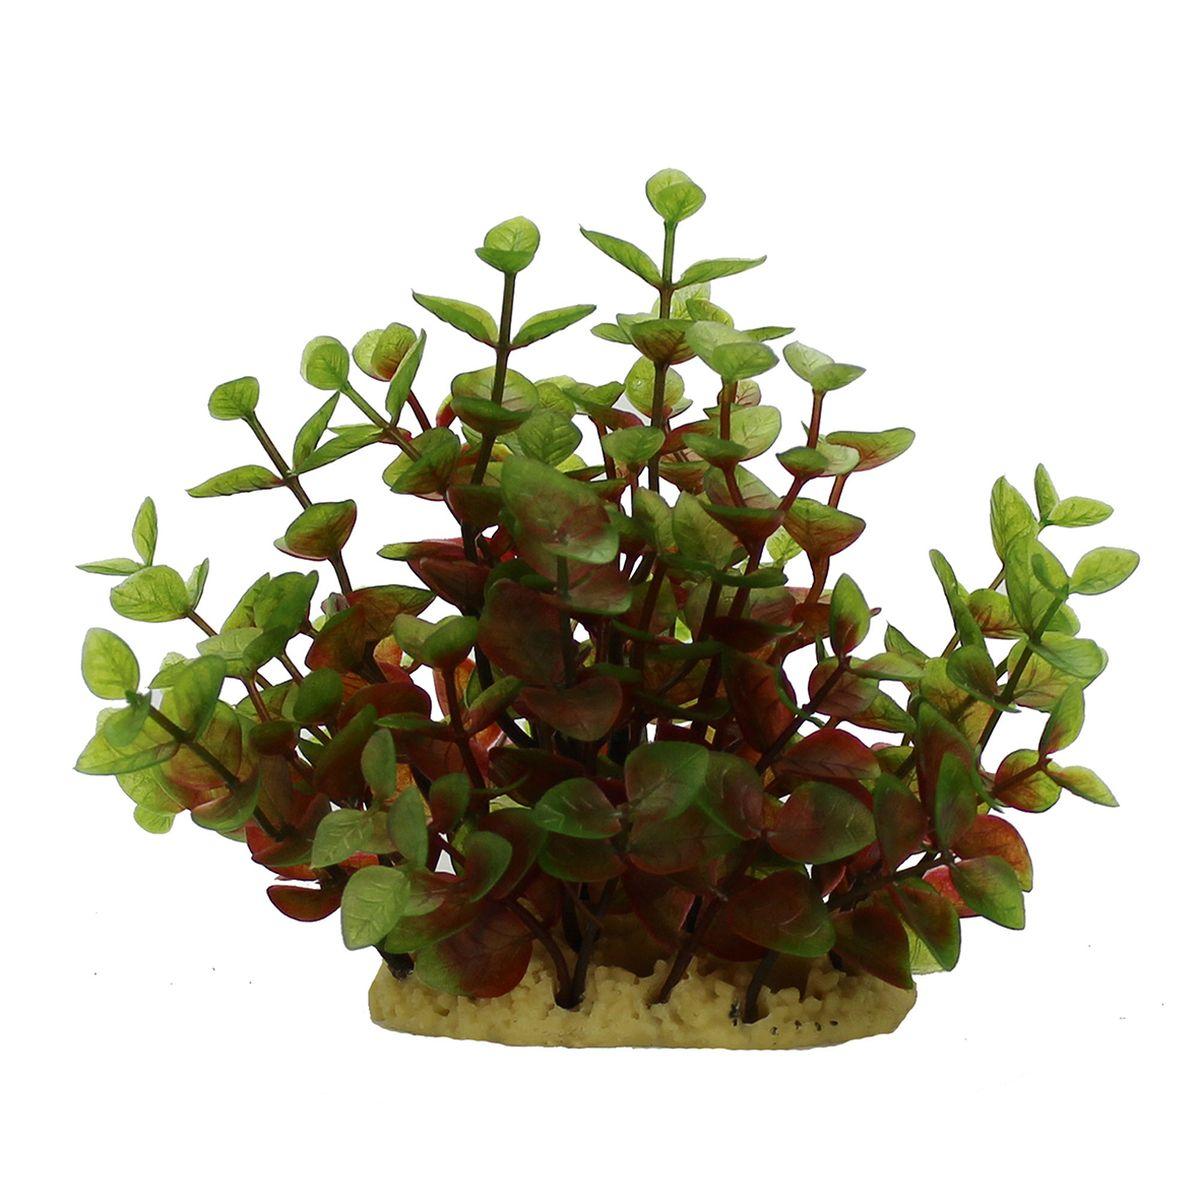 Растение для аквариума ArtUniq Людвигия красно-зеленая, высота 15 см12171996Композиция из искусственных растений ArtUniq превосходно украсит и оживит аквариум.Растения - это важная часть любой композиции, они помогут вдохнуть жизнь в ландшафт любого аквариума или террариума. А их сходствос природными порадует даже самых взыскательных ценителей.